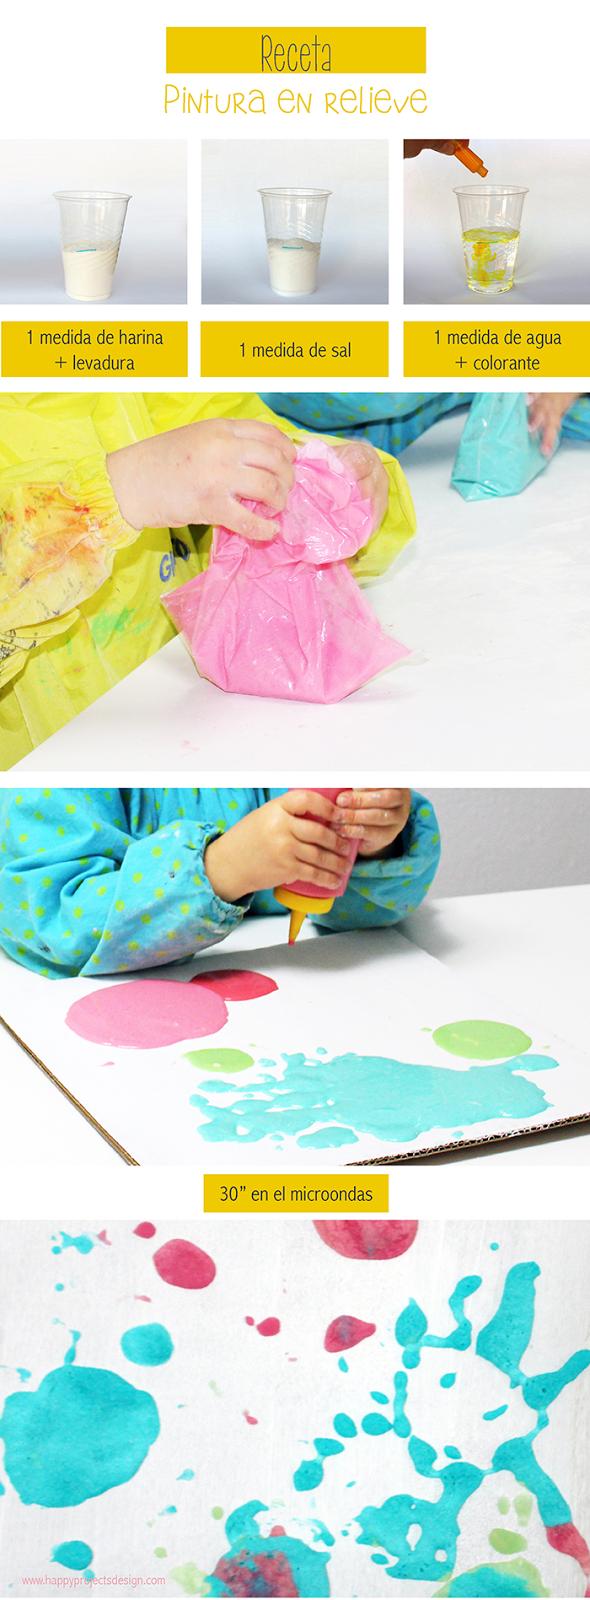 Receta Pintura en relieve: paso a paso